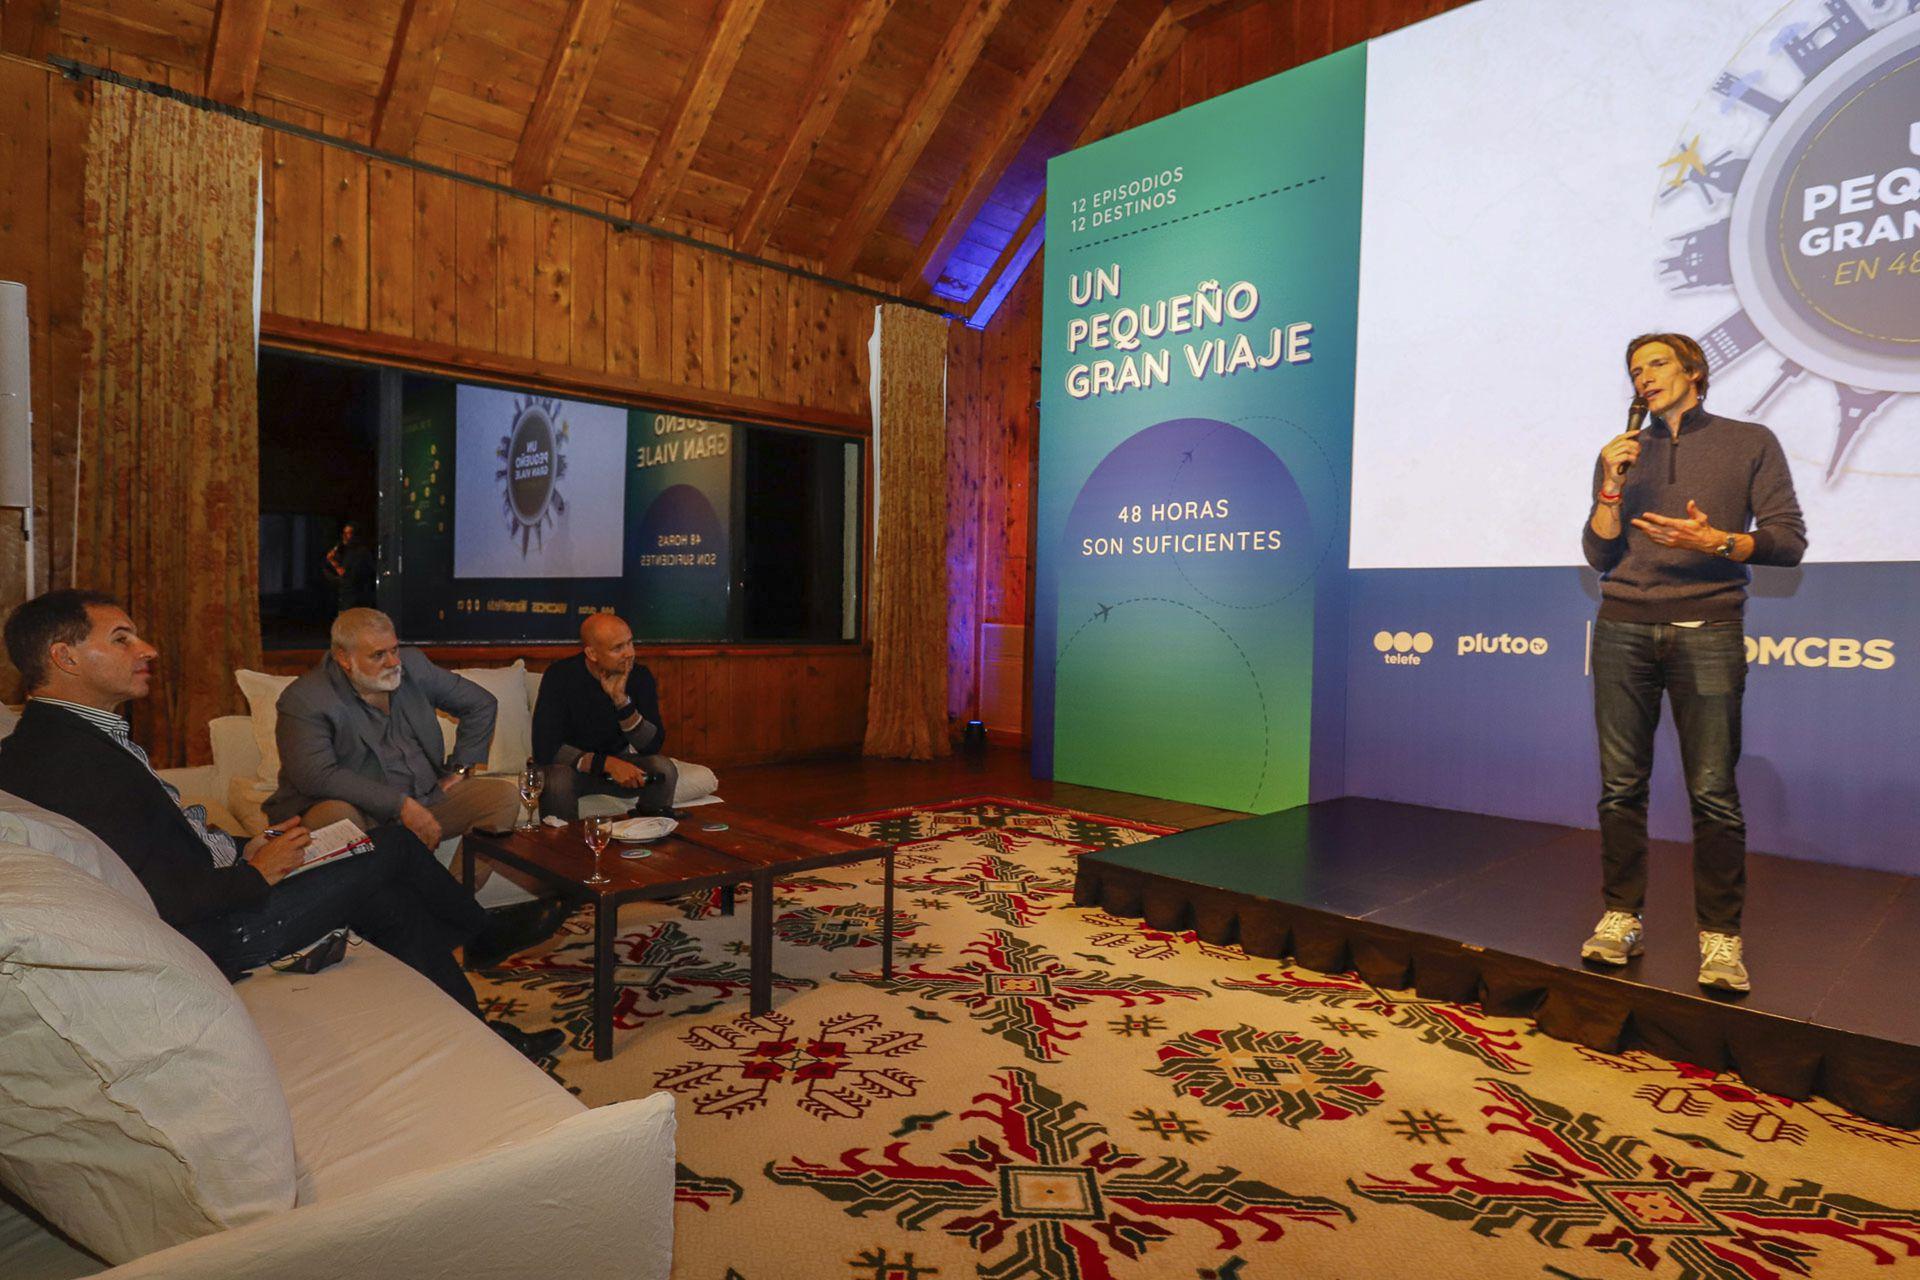 Iván de Pineda presenta en Bariloche la nueva temporada, primera en Telefe, de Un pequeño gran viaje en 48 horas